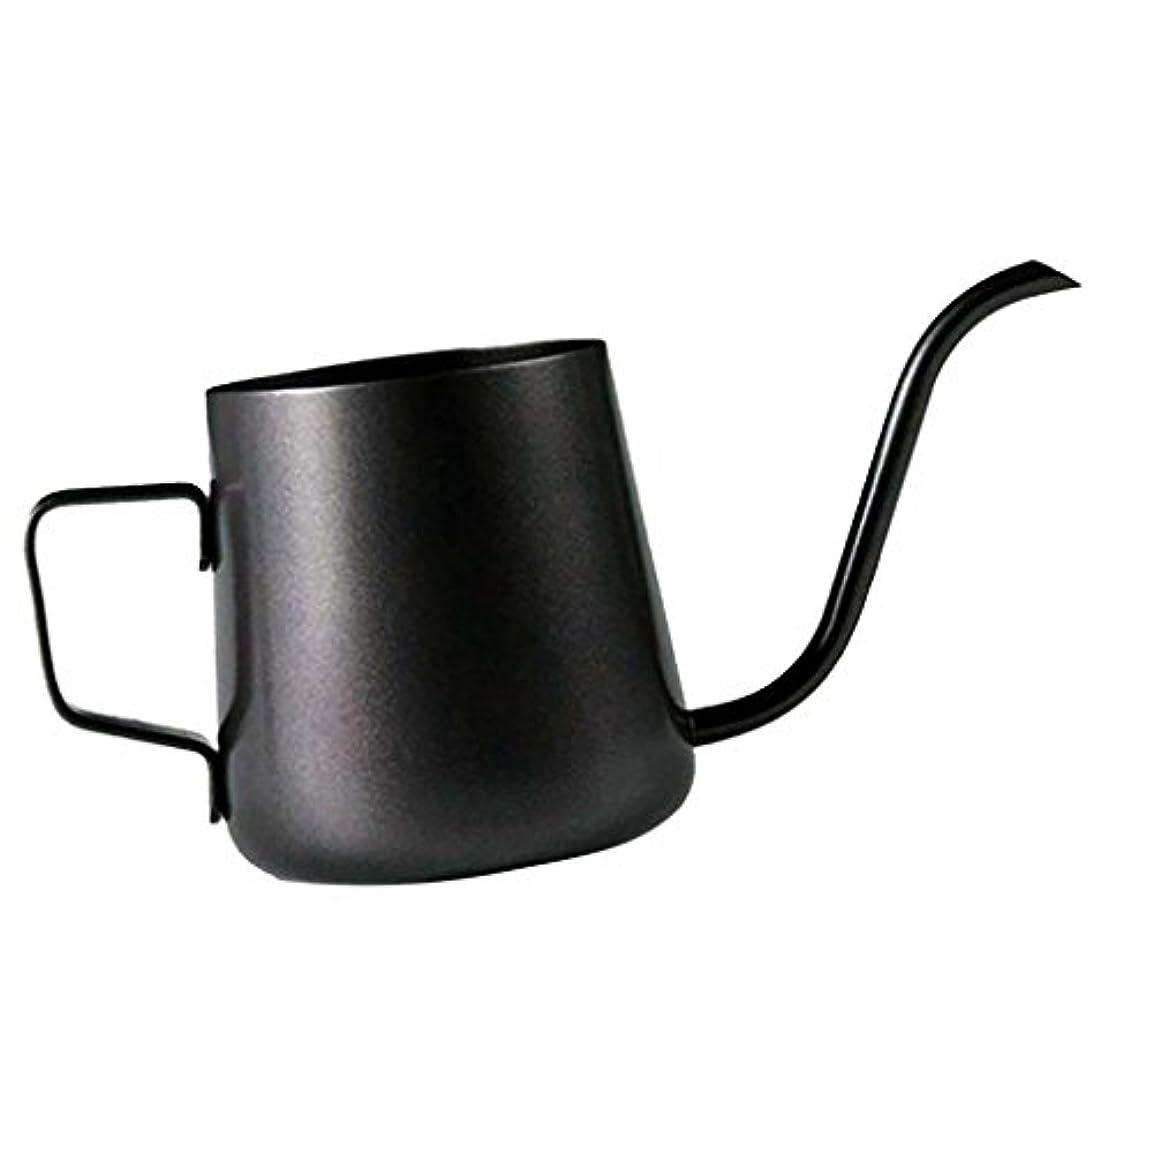 櫛モードリン百年Homeland コーヒーポット お茶などにも対応 クッキング用品 ステンレス製 エスプレッソポット ケトル - ブラック, 250ミリリットル